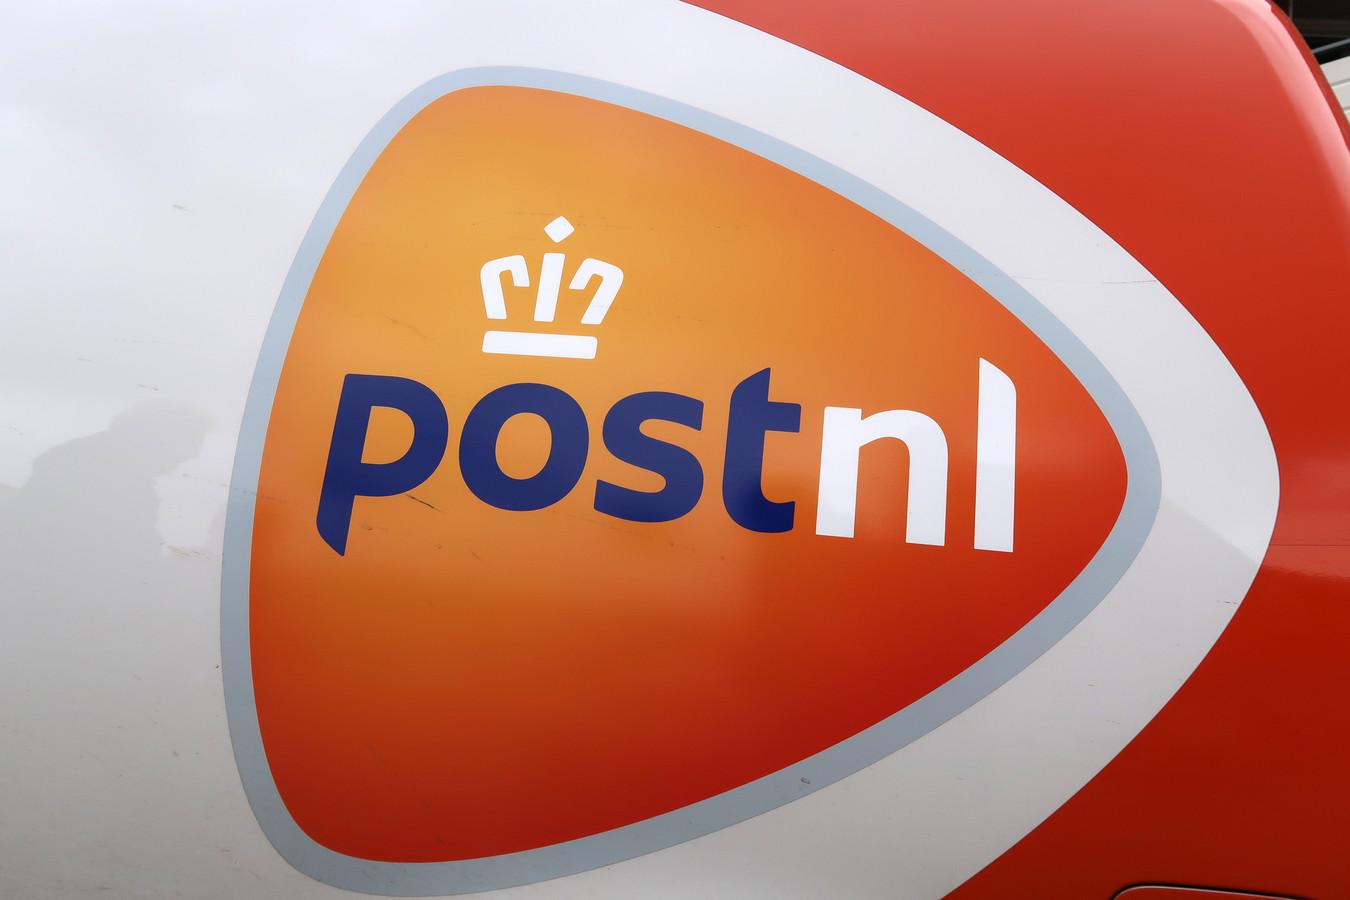 Bpost: met PostNL samengaan als gelijken | Foto | AD.nl Aandeel Postnl